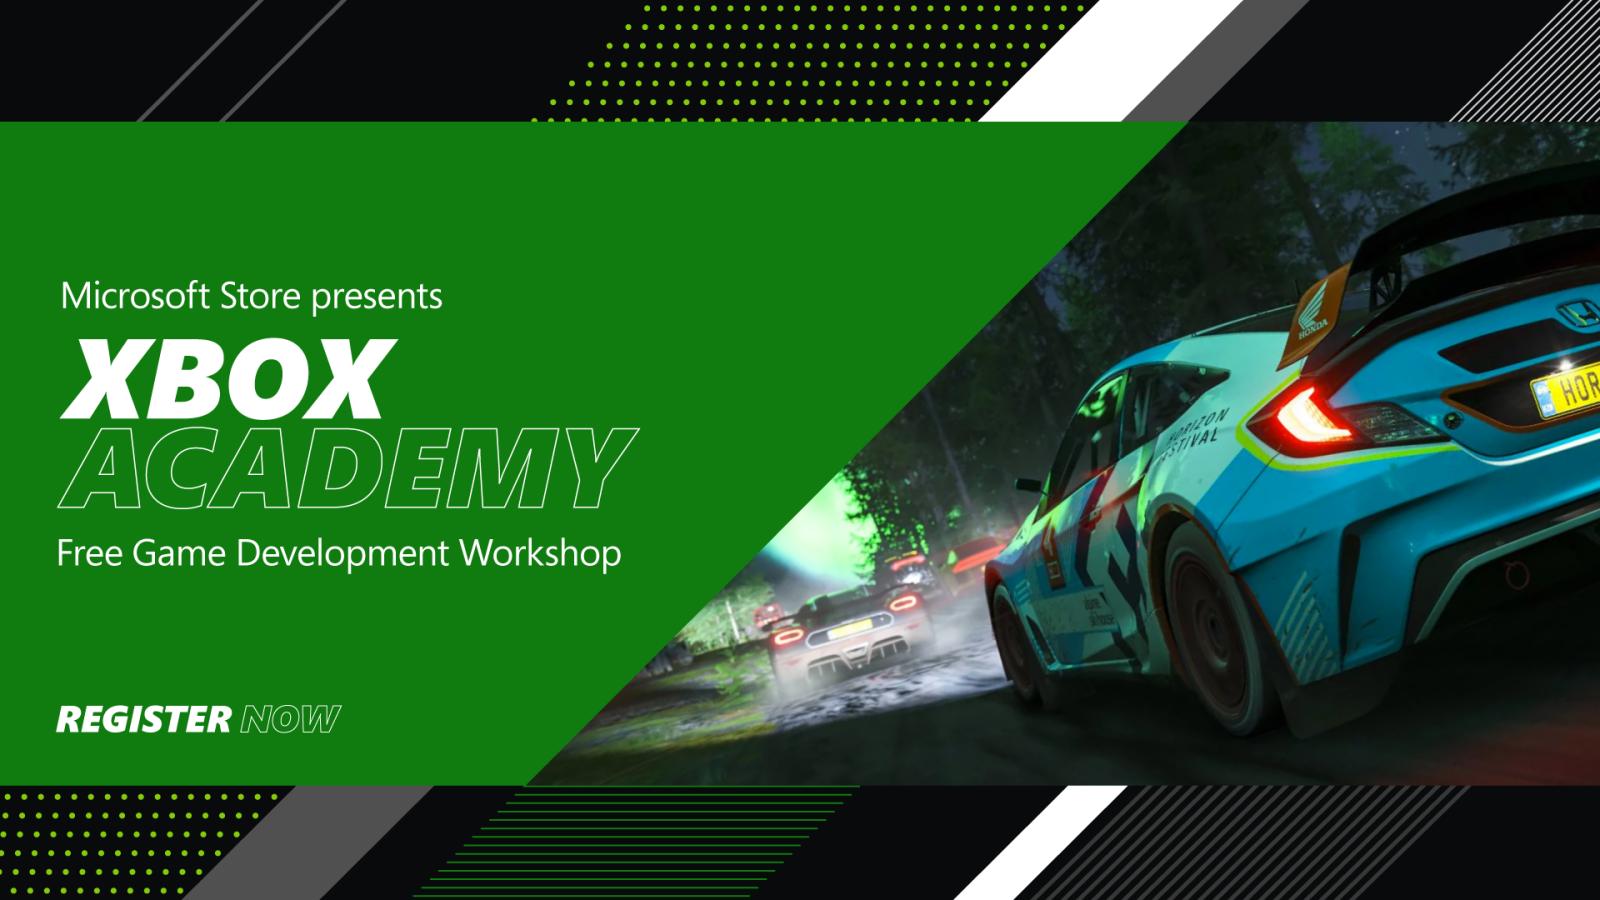 微软推出全新游戏开发网络课程 Xbox Academy,助力次世代游戏开发者